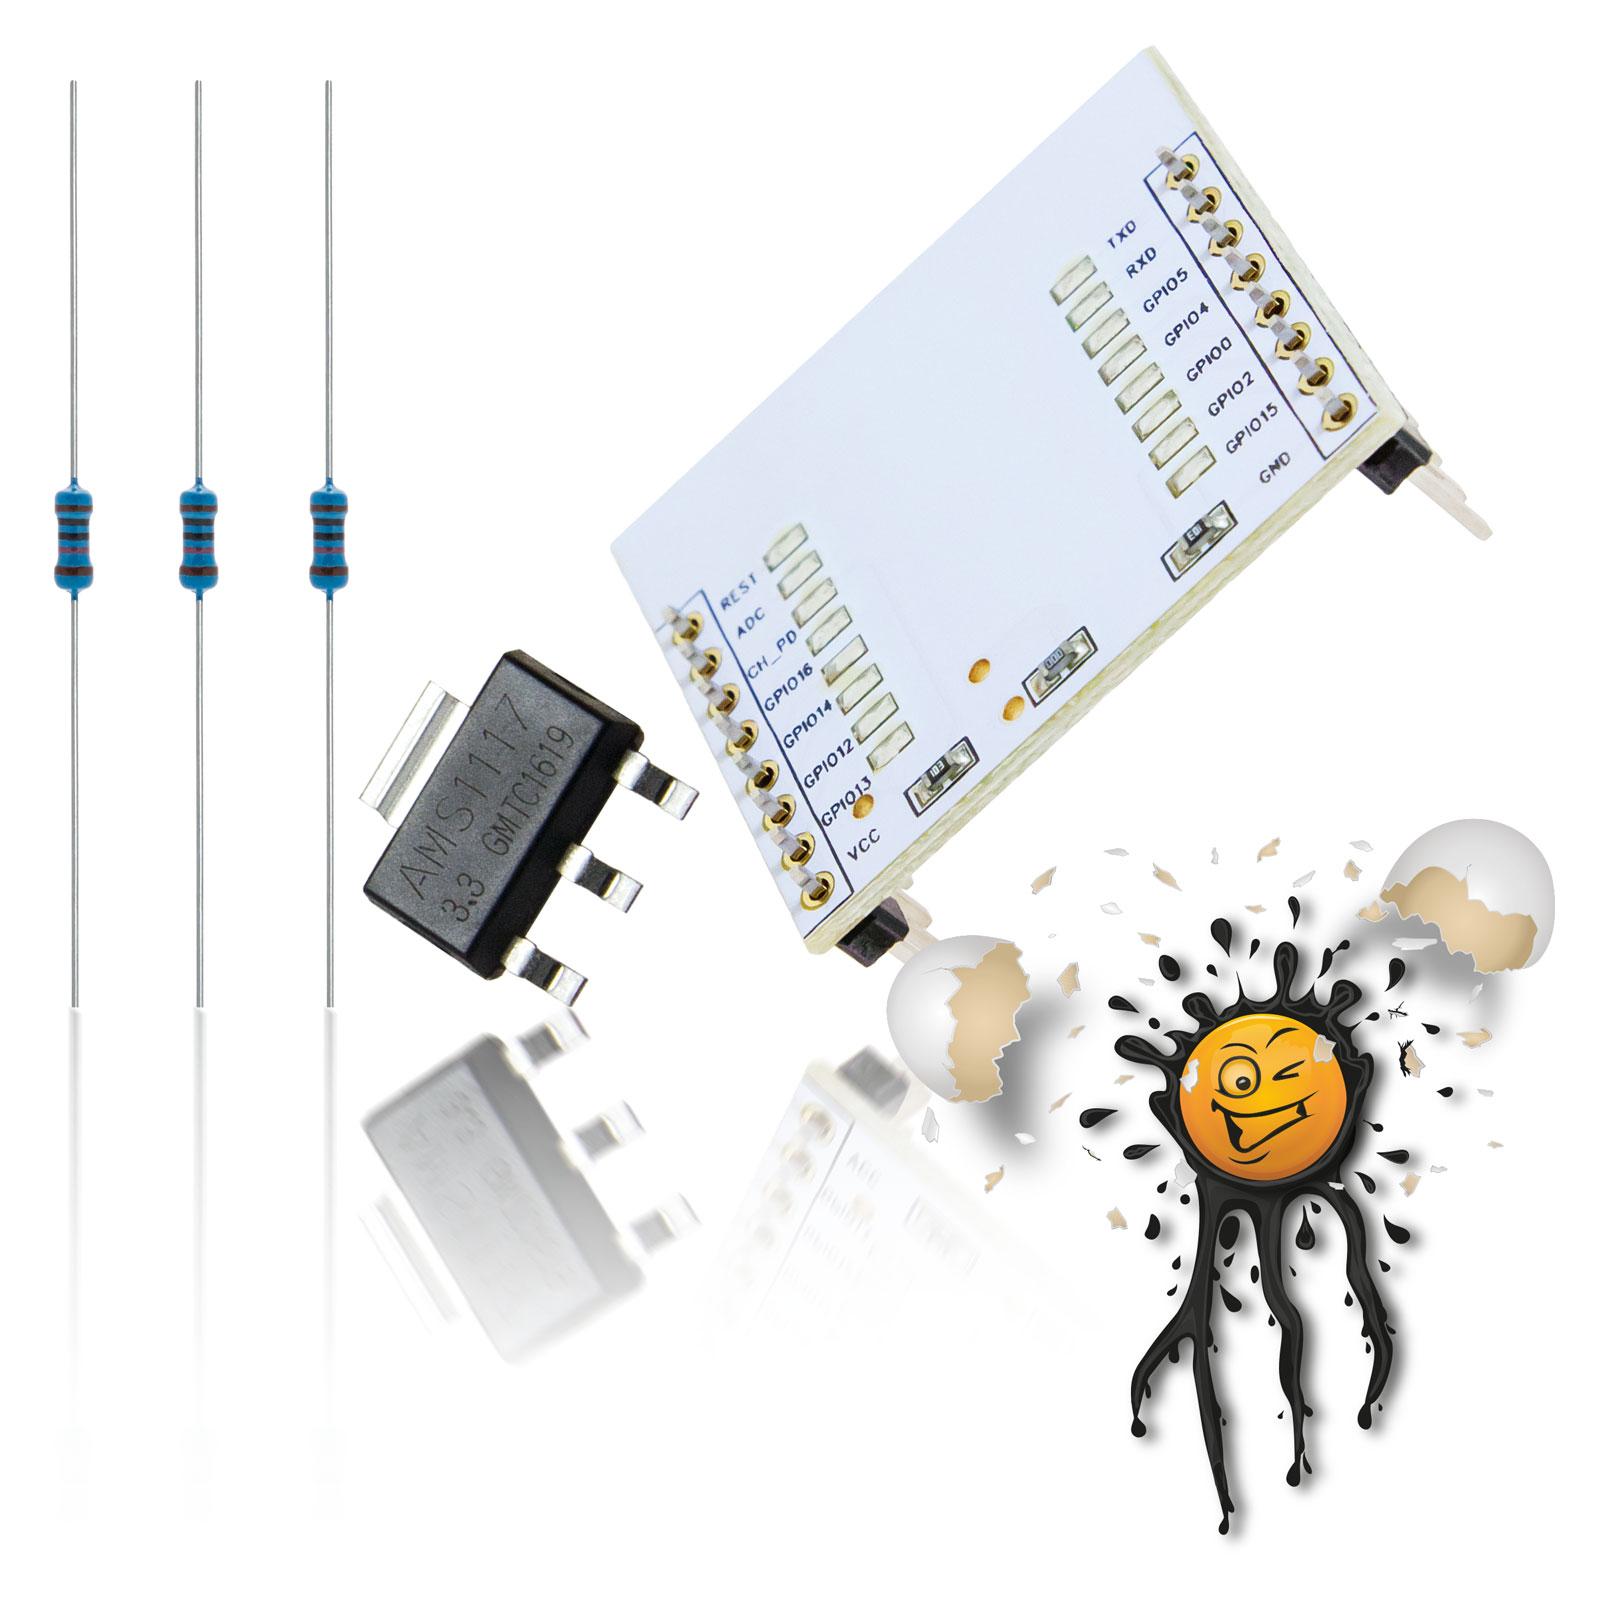 ESP8266 I/O Adapter + AMS1117 Voltage Converter + Resistors Set